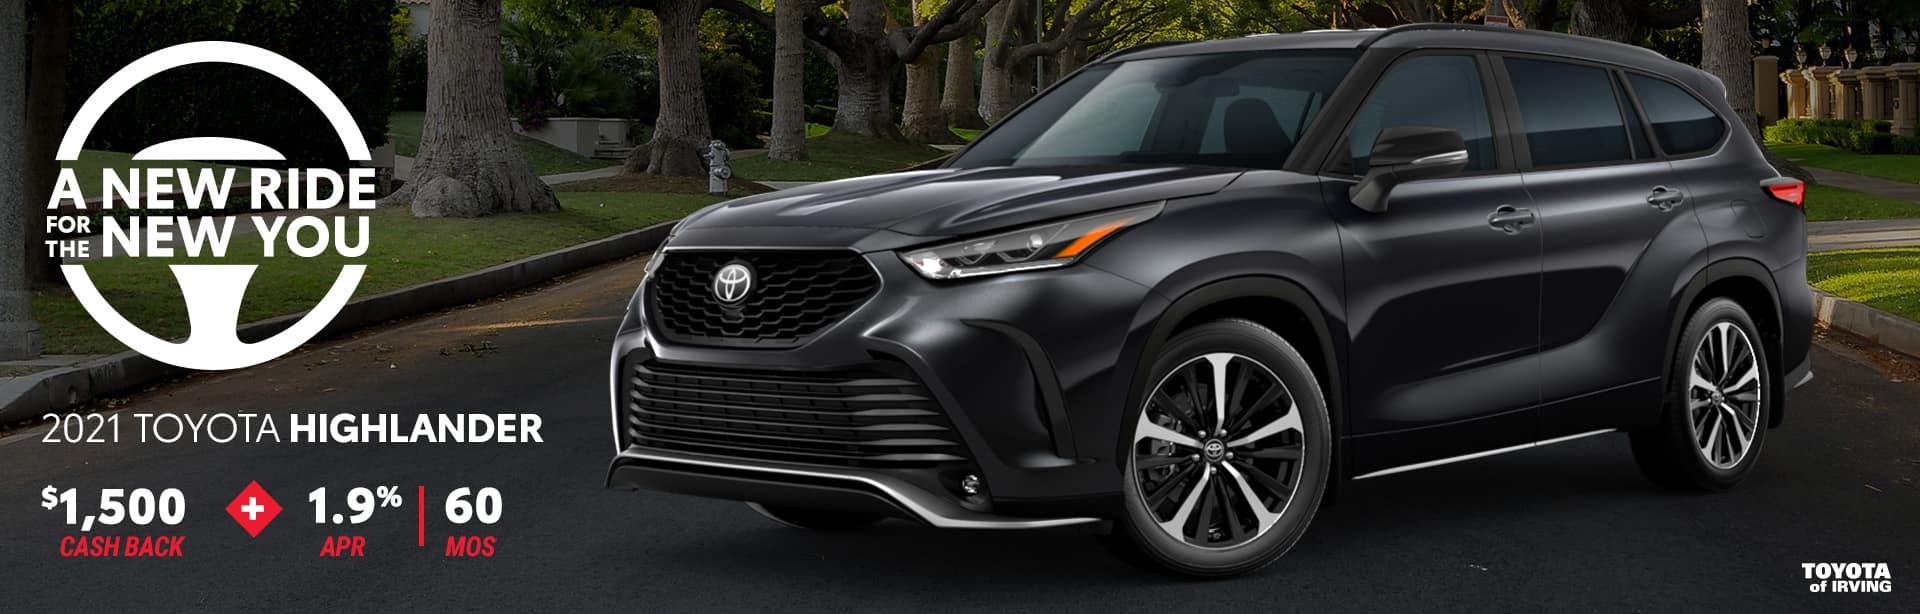 2021 Toyota Highlander April Incentives